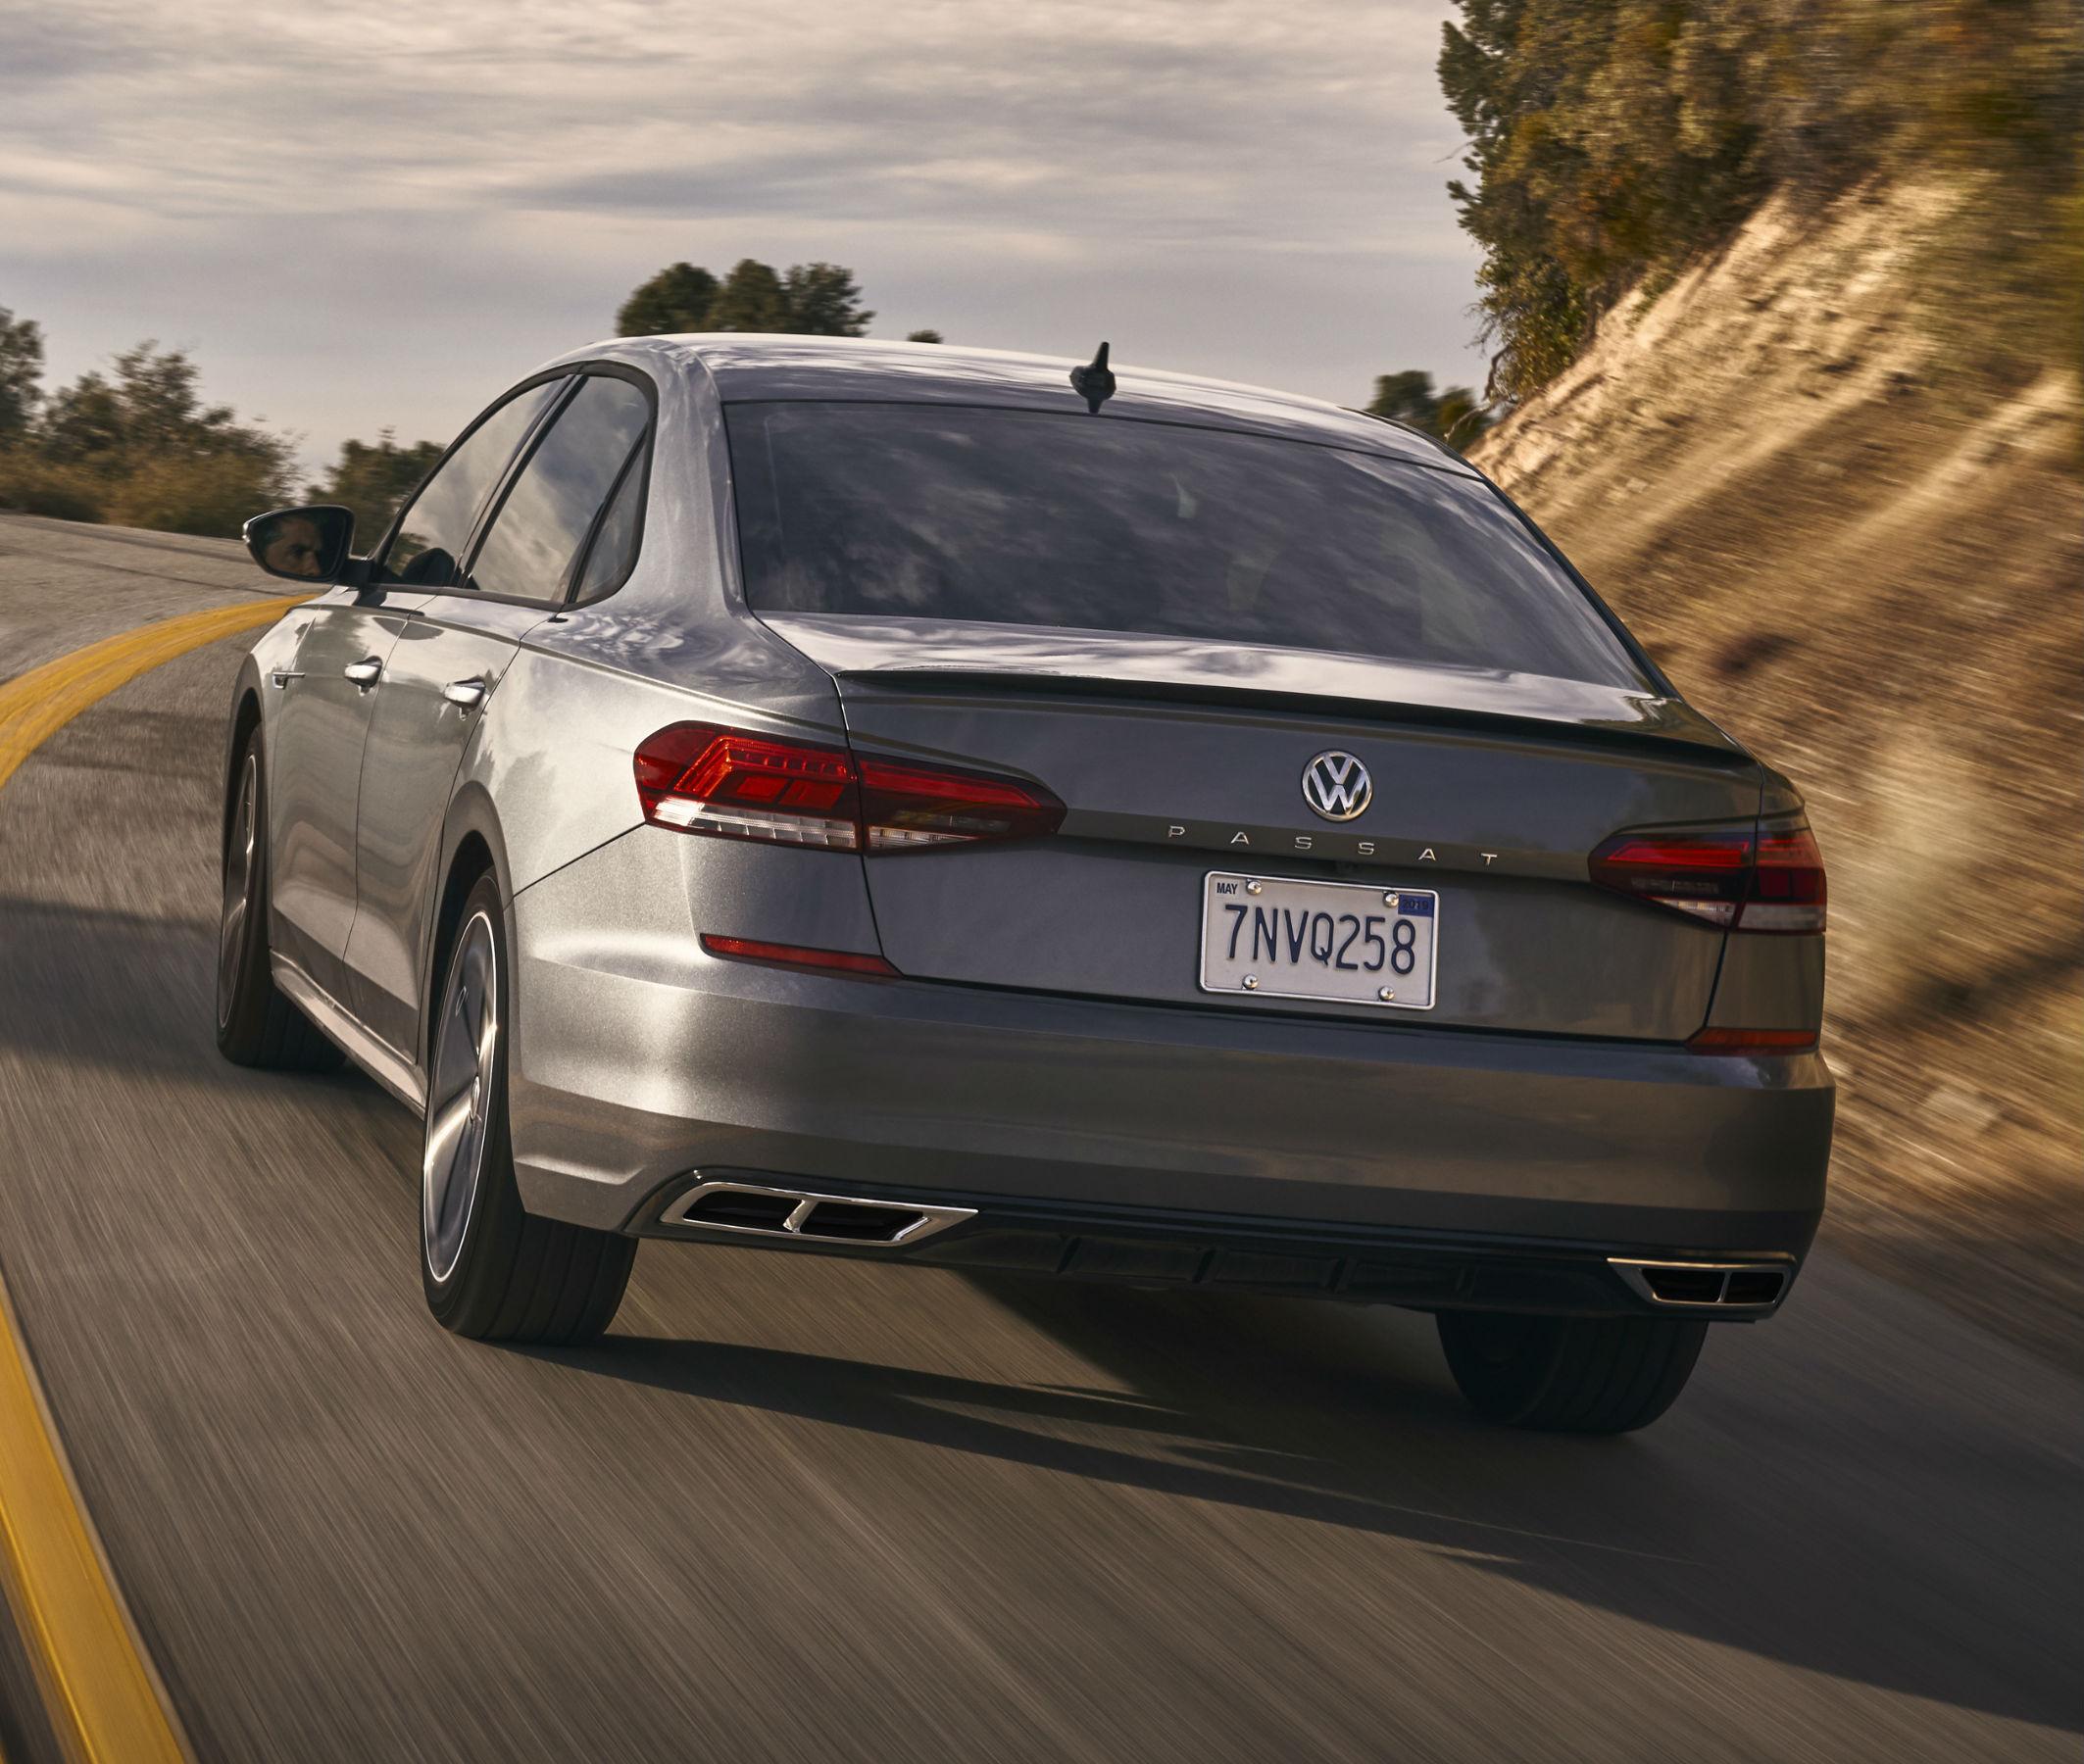 Oto Nowy Volkswagen Passat W Wersji Amerykańskiej. Nowy